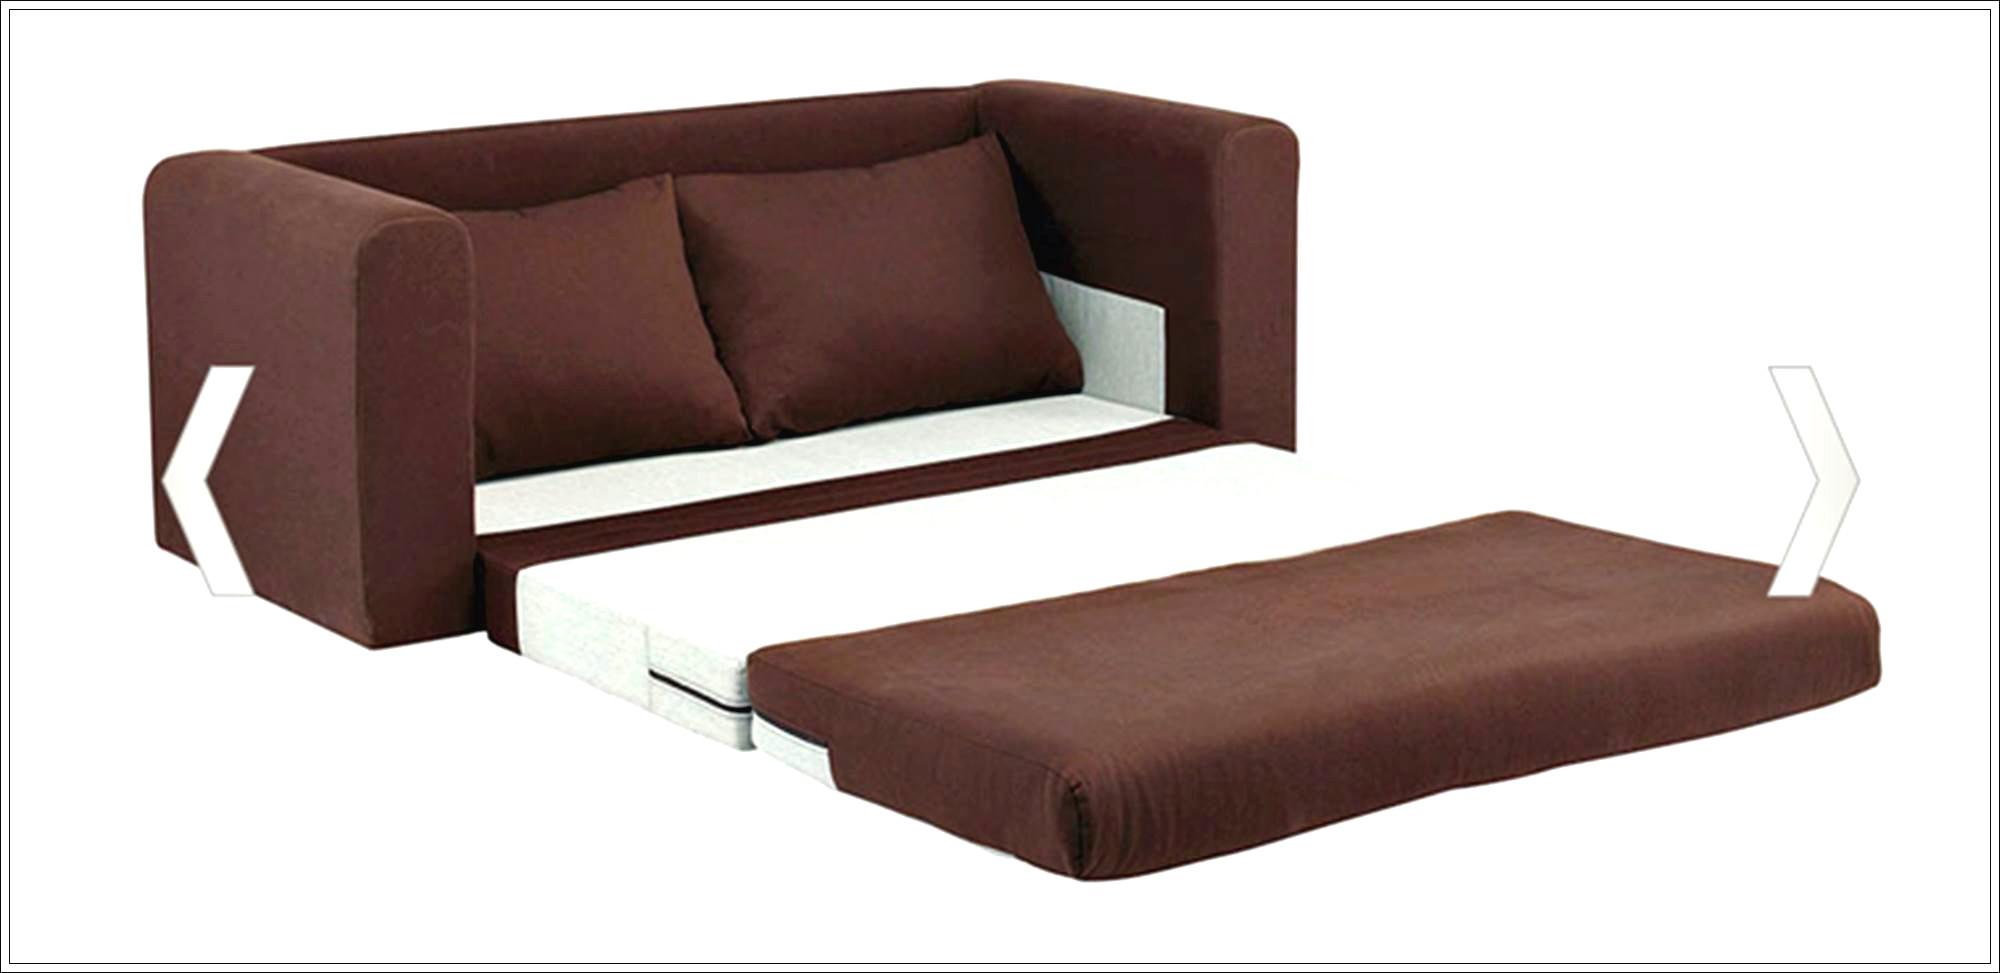 ikea jet de canap inspirant photographie jet de fauteuil great jete with plaid pour fauteuil. Black Bedroom Furniture Sets. Home Design Ideas